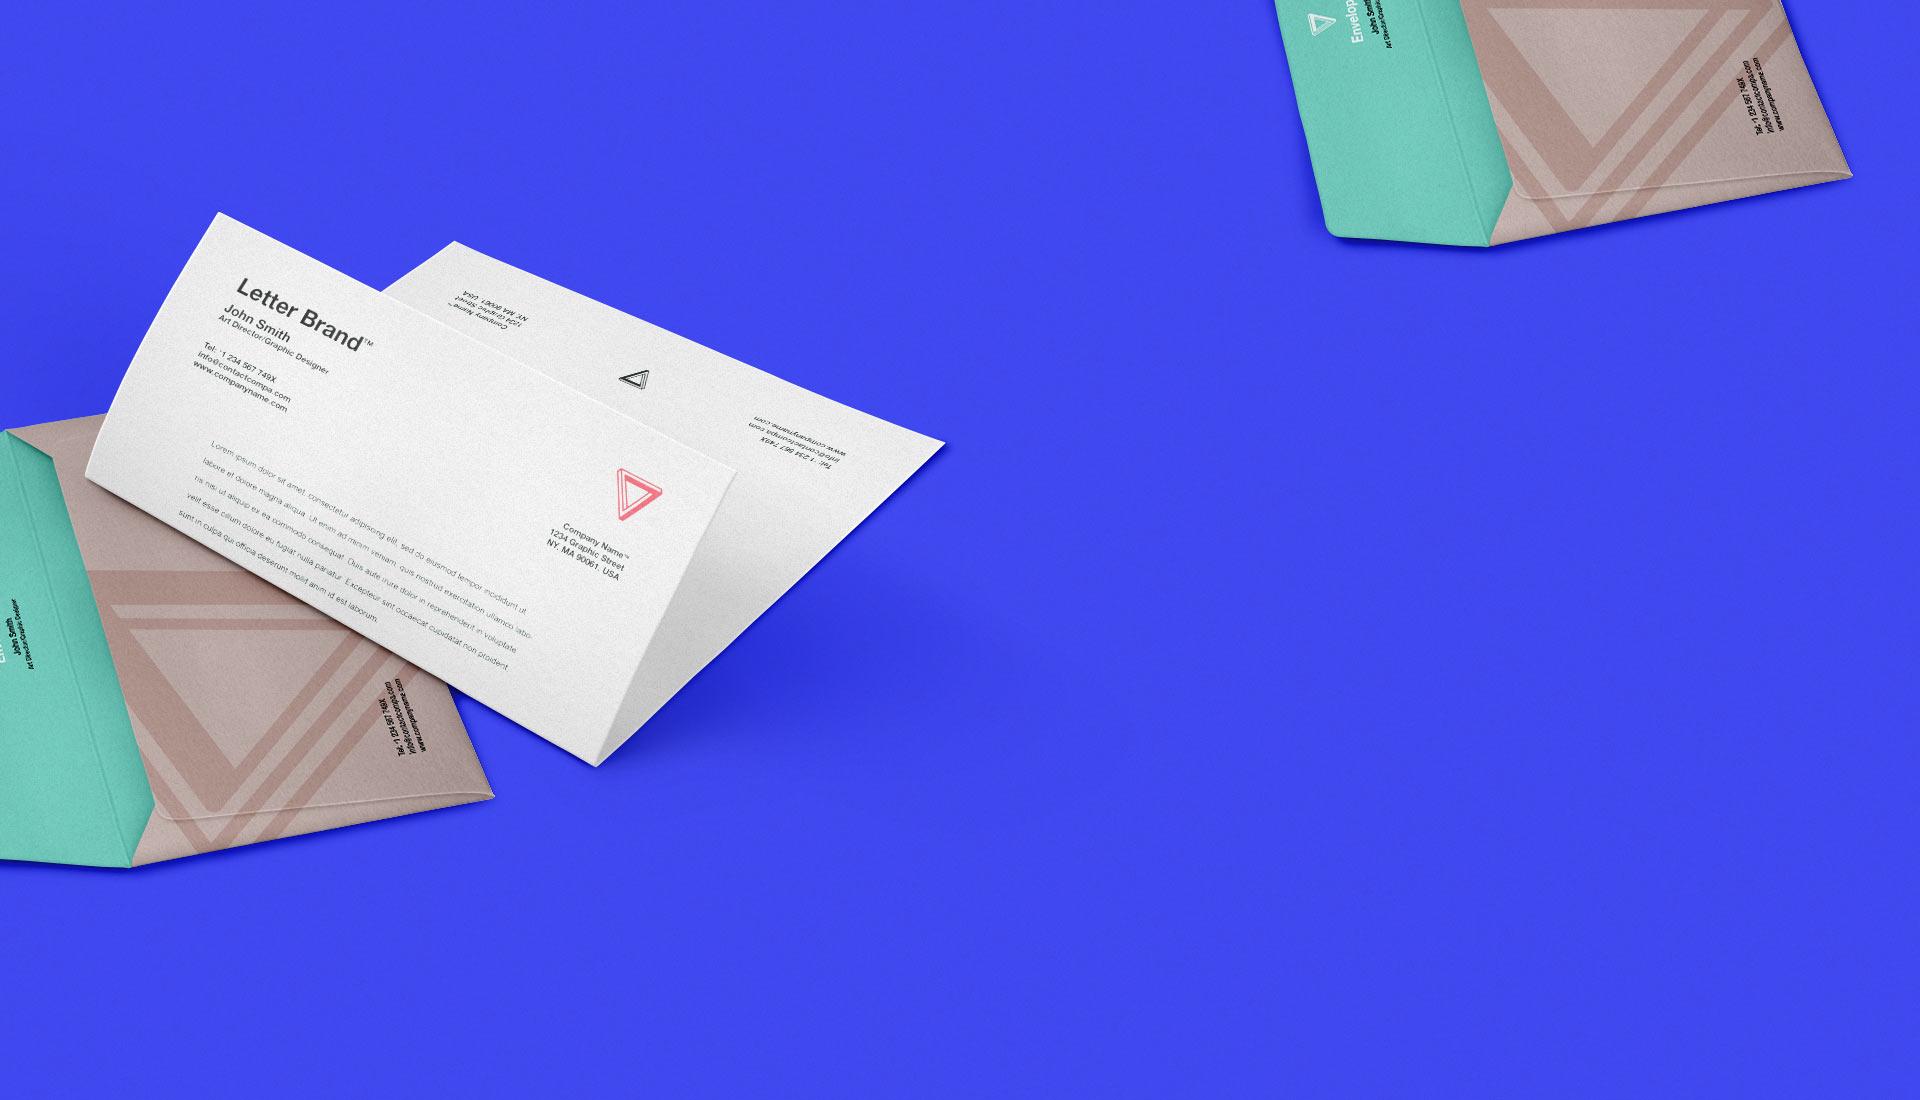 h11-slide-3.jpg